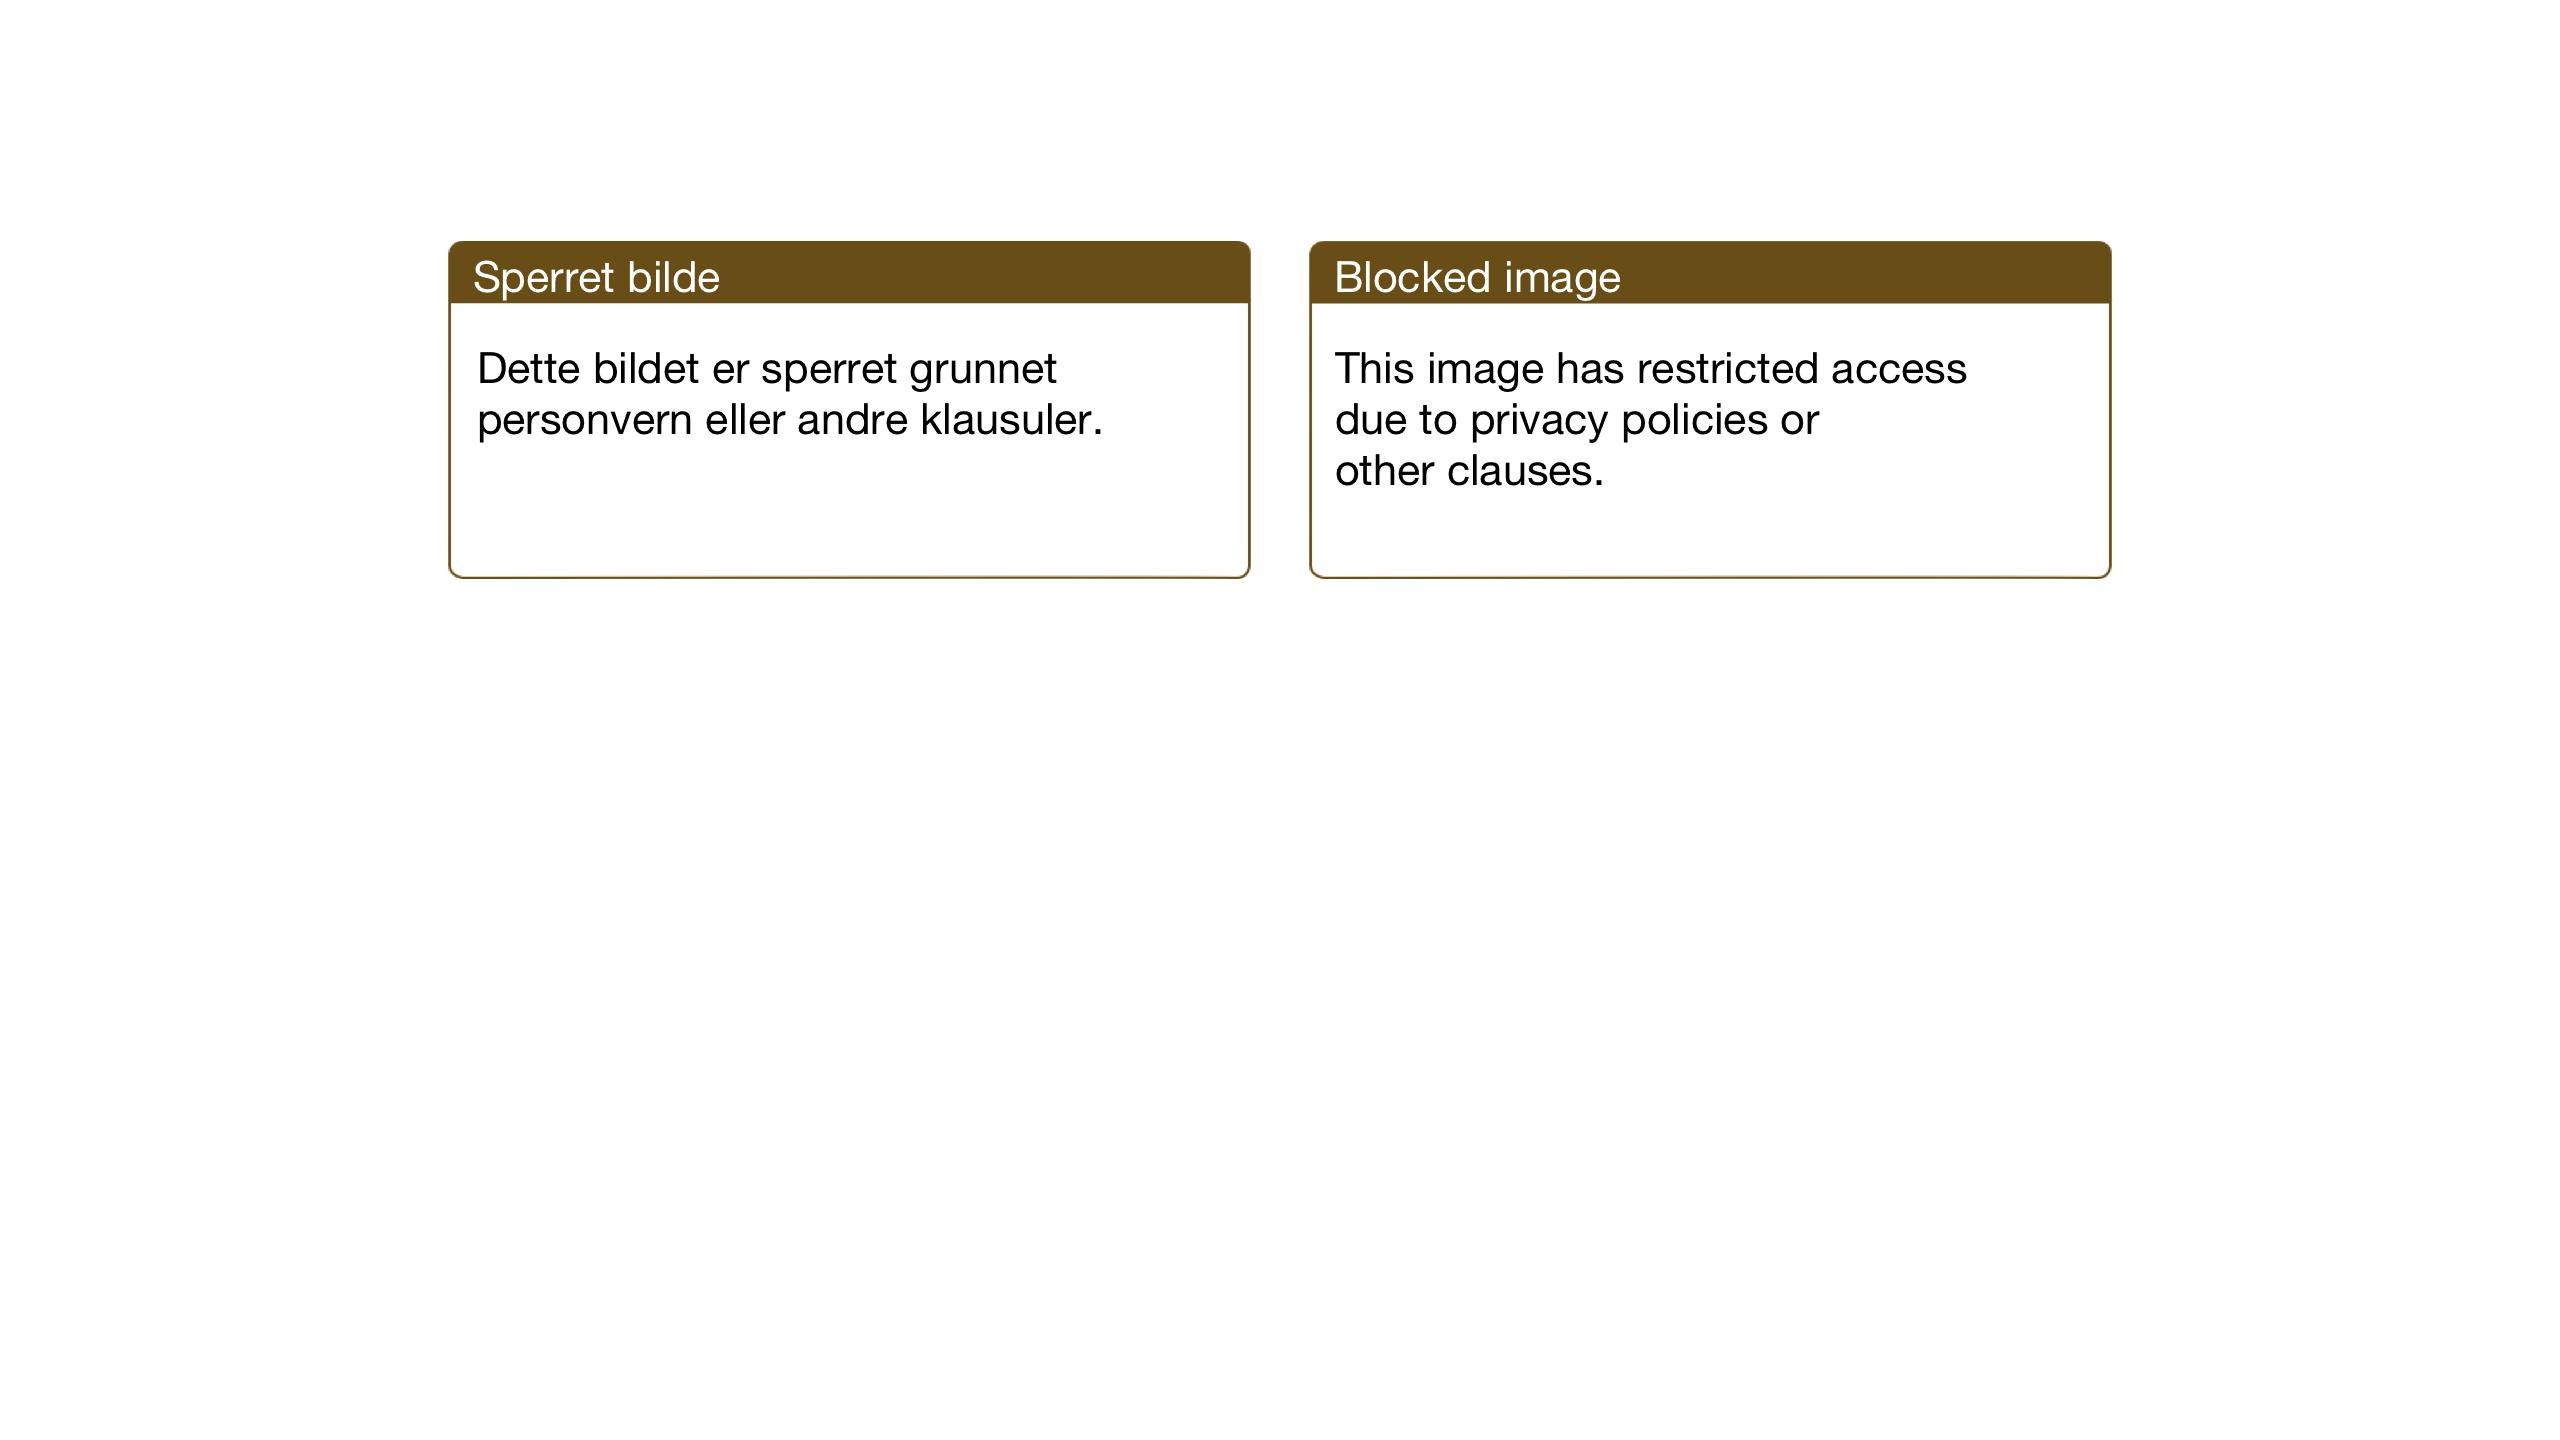 RA, Justisdepartementet, Sivilavdelingen (RA/S-6490), 2000-2002, s. 2